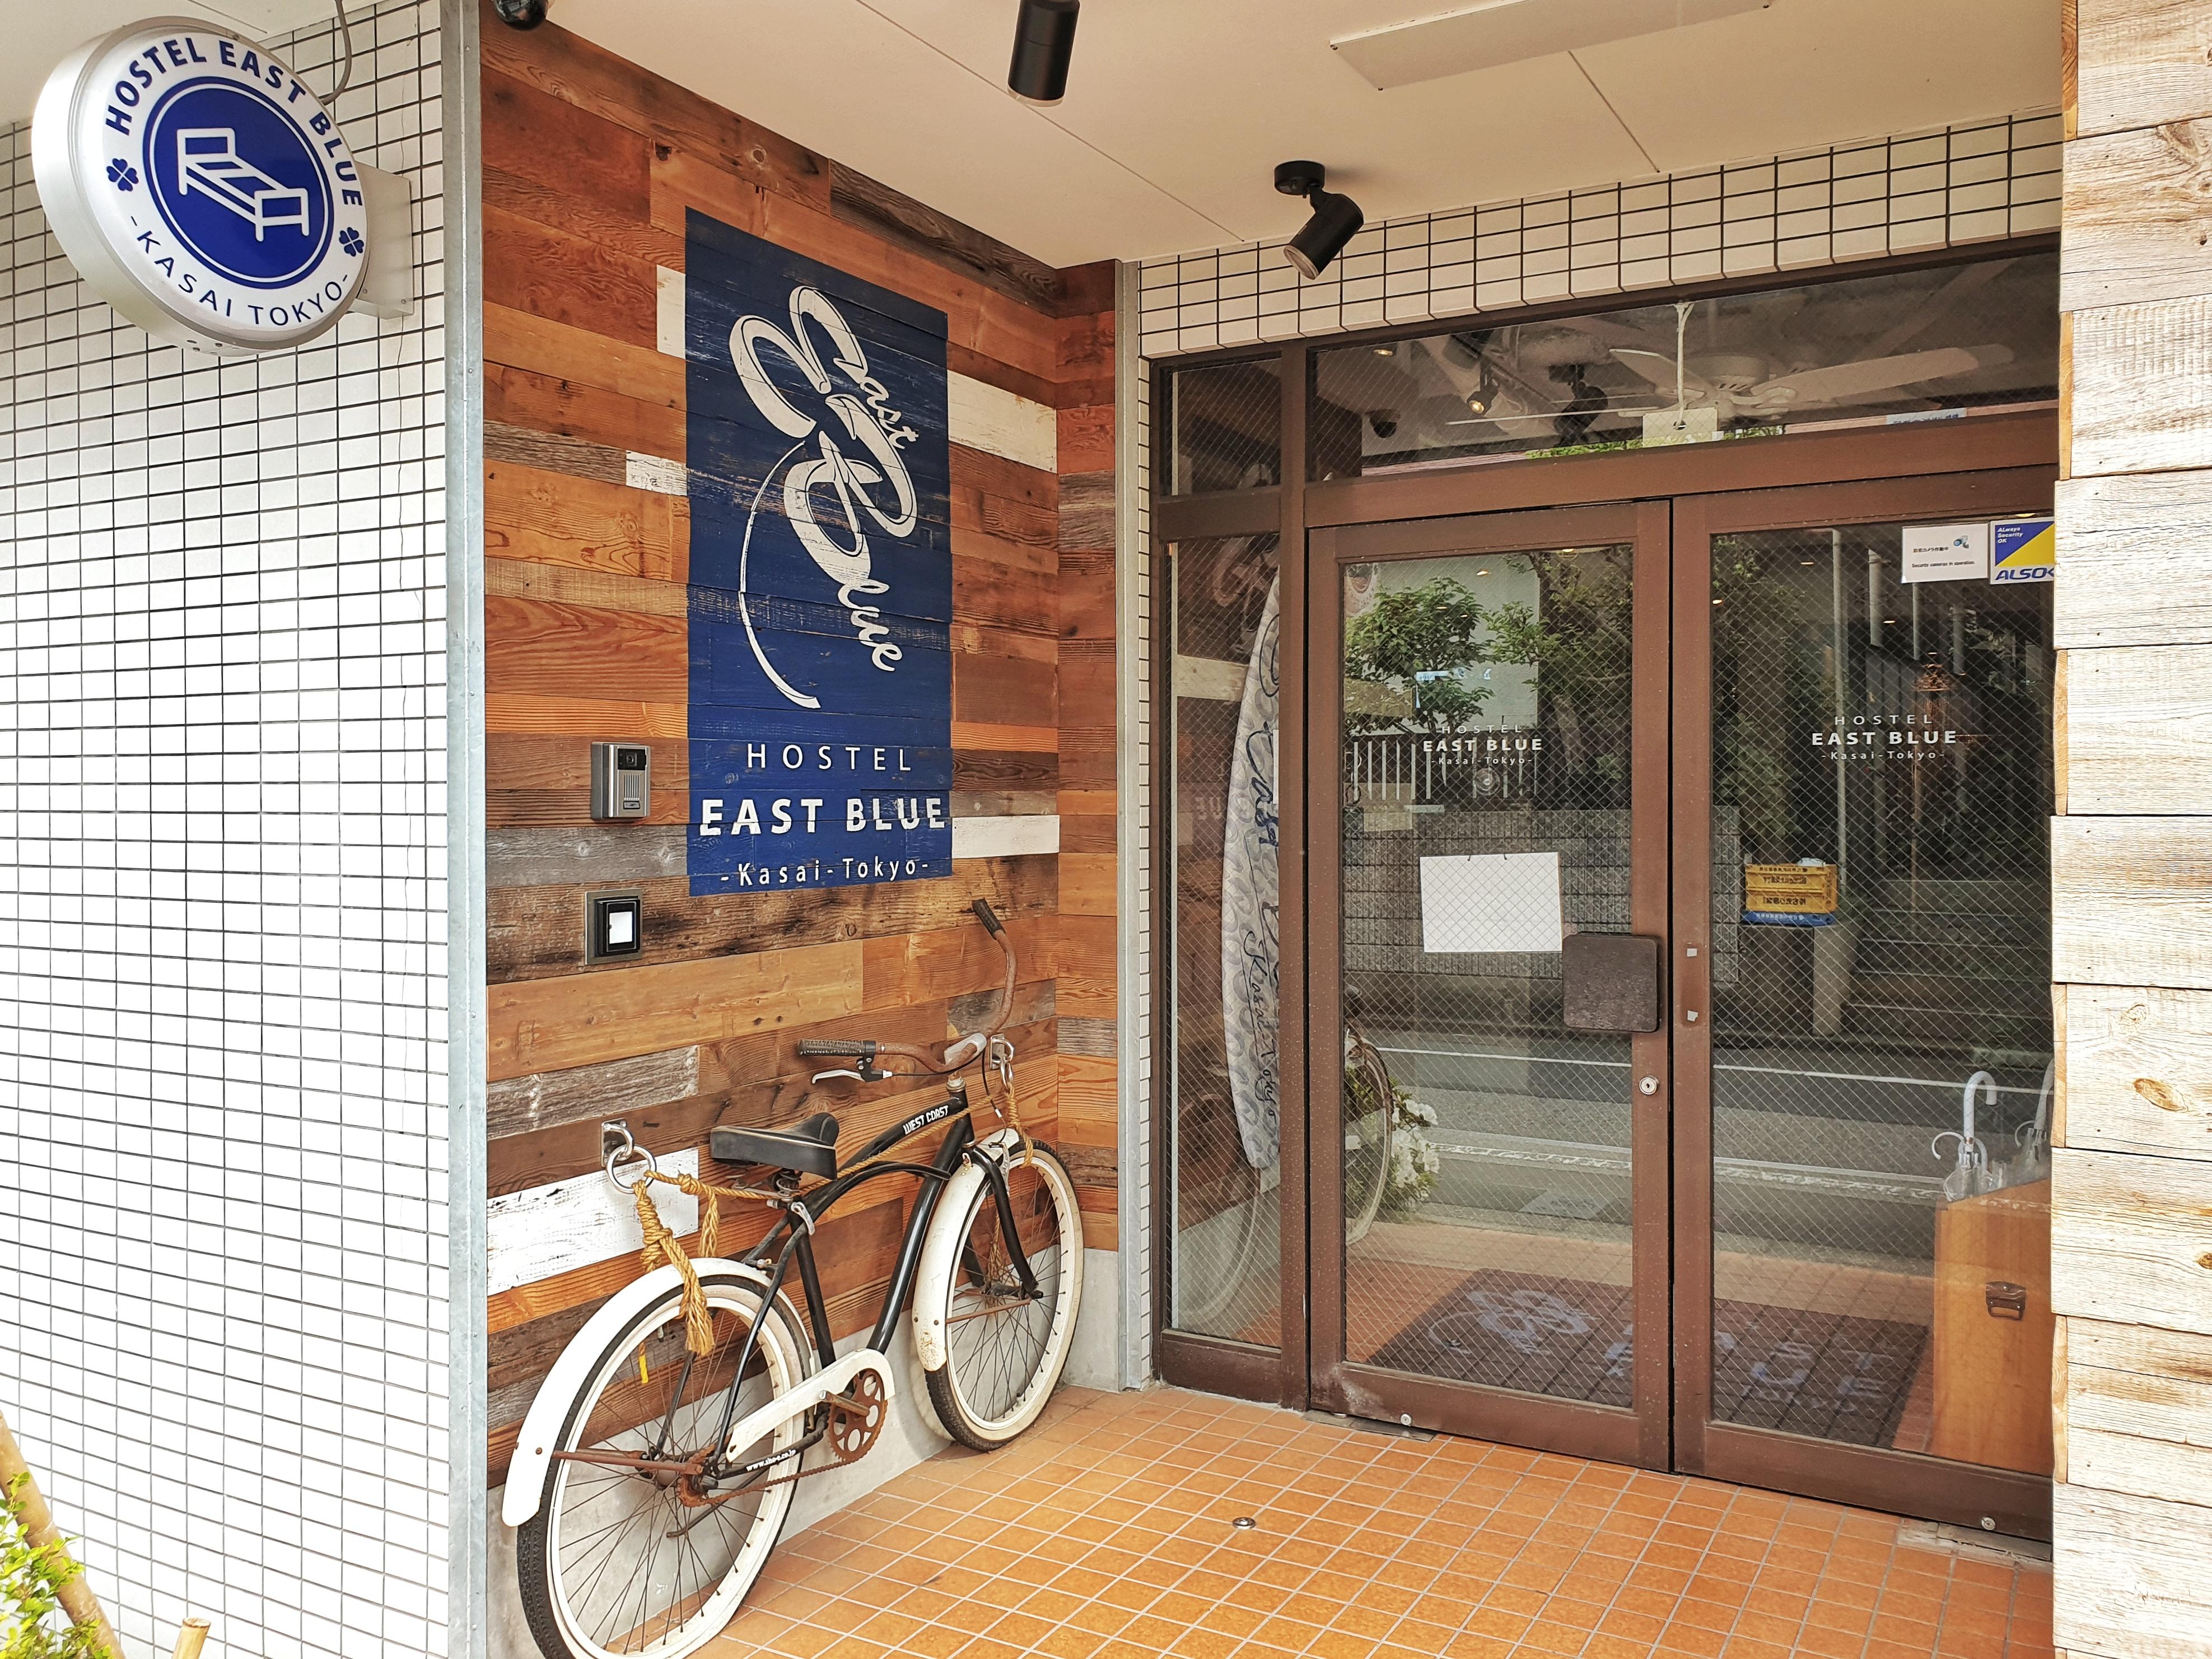 east blue Kasai Tokyo hostel